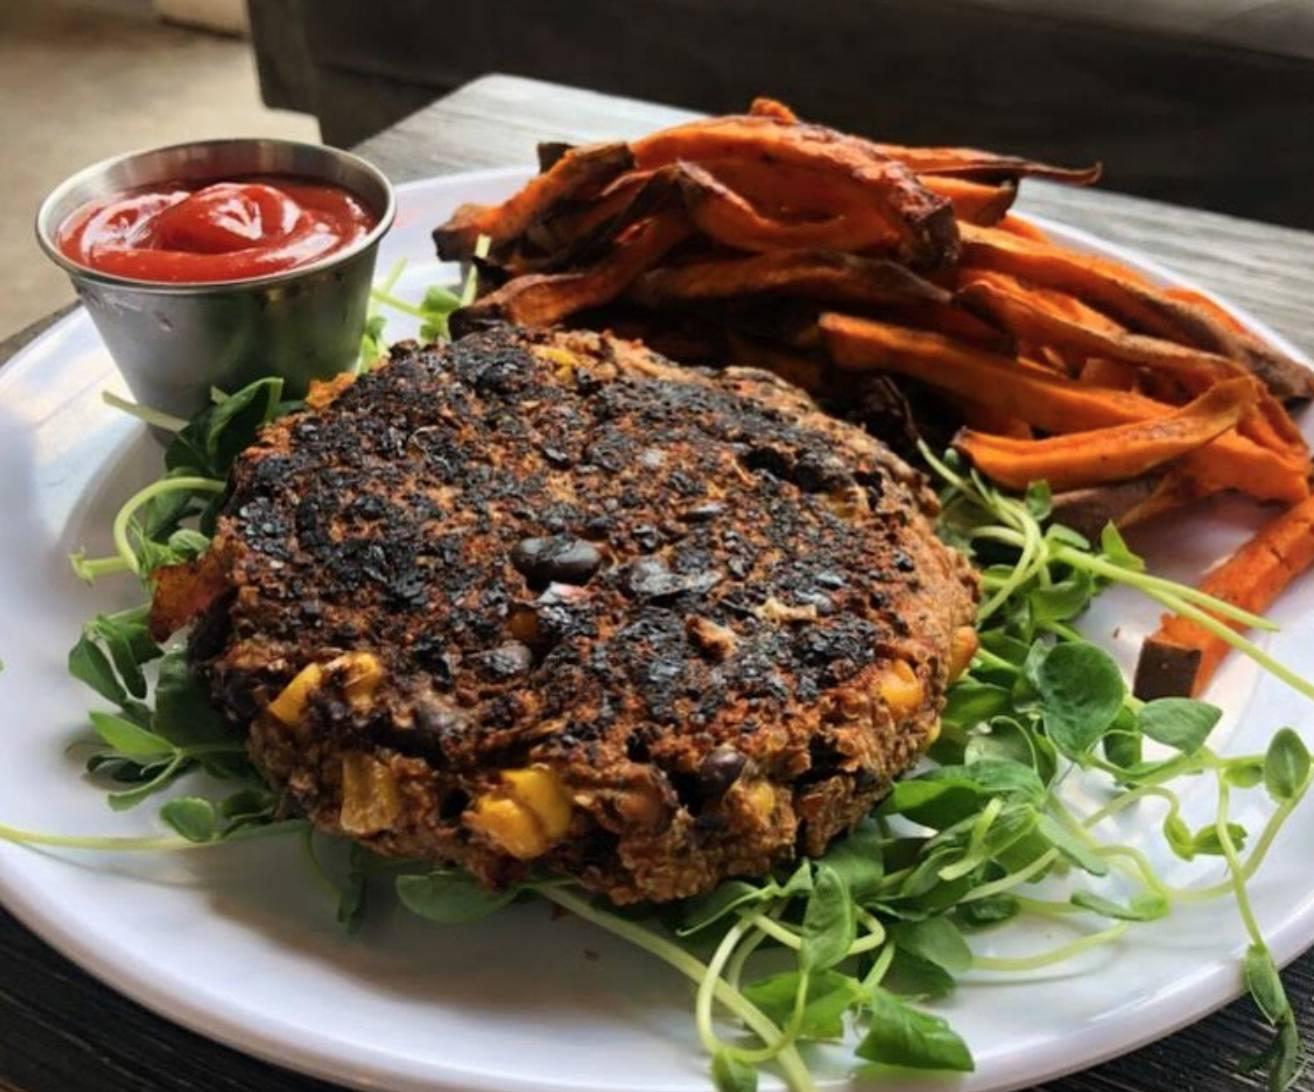 Weekly Special: Black Bean & Veggie Burger